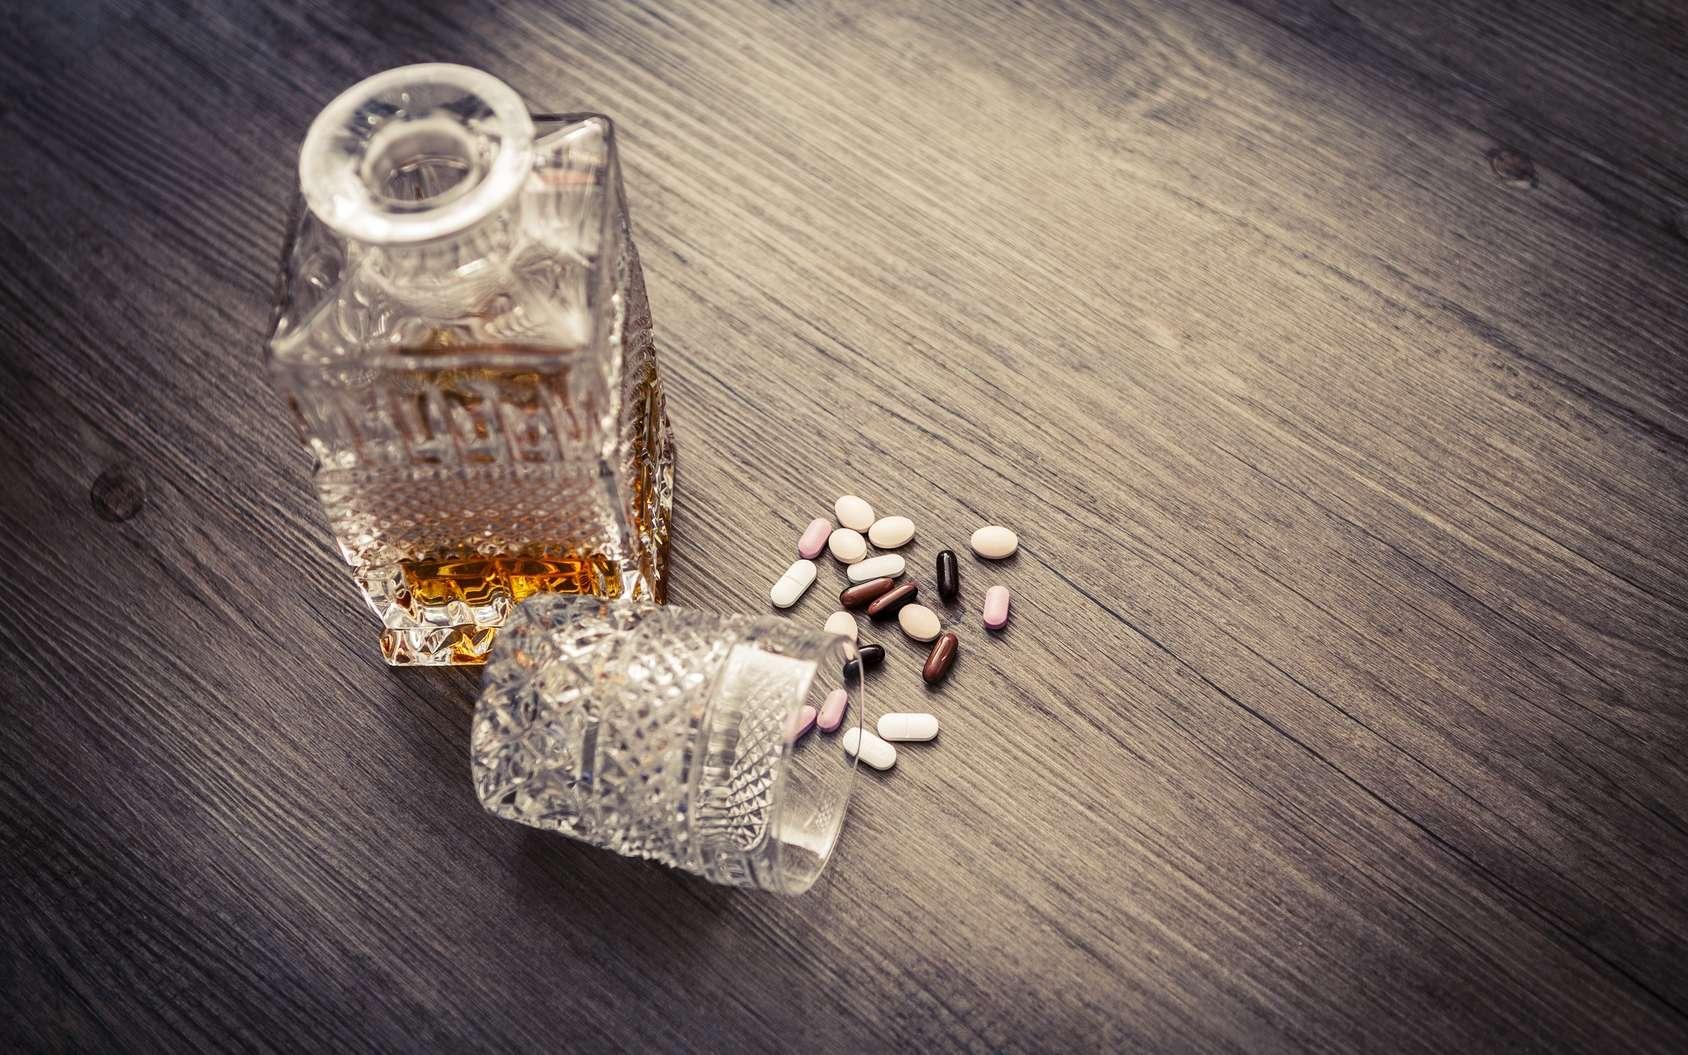 Le baclofène est prescrit pour traiter les dépendances à l'alcool. © tonda55, Fotolia